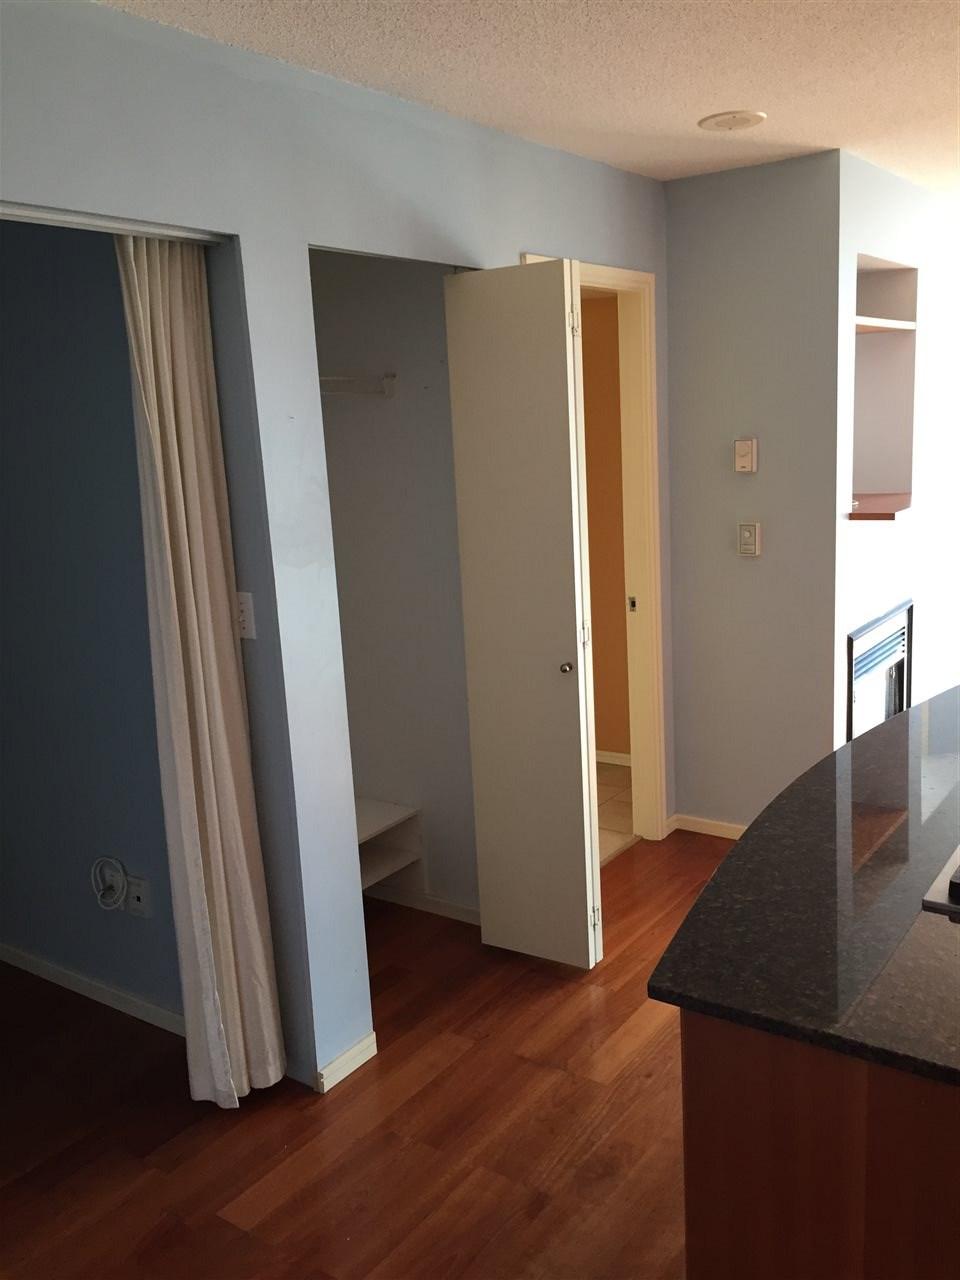 Condo Apartment at 505 1723 ALBERNI STREET, Unit 505, Vancouver West, British Columbia. Image 4